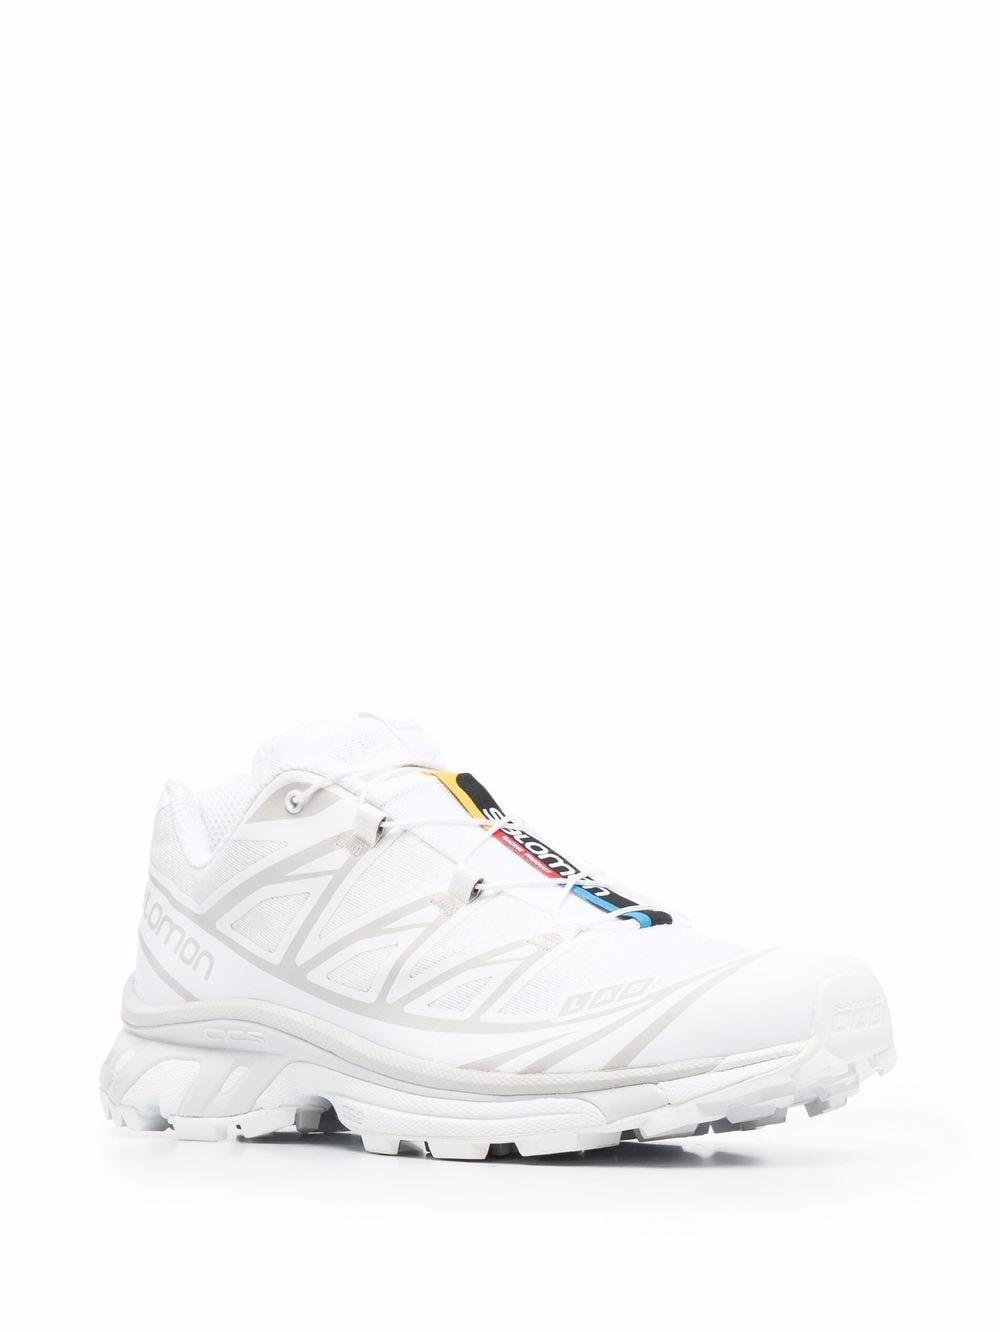 xt 6 sneakers man white SALOMON S/LAB   Sneakers   L41252900